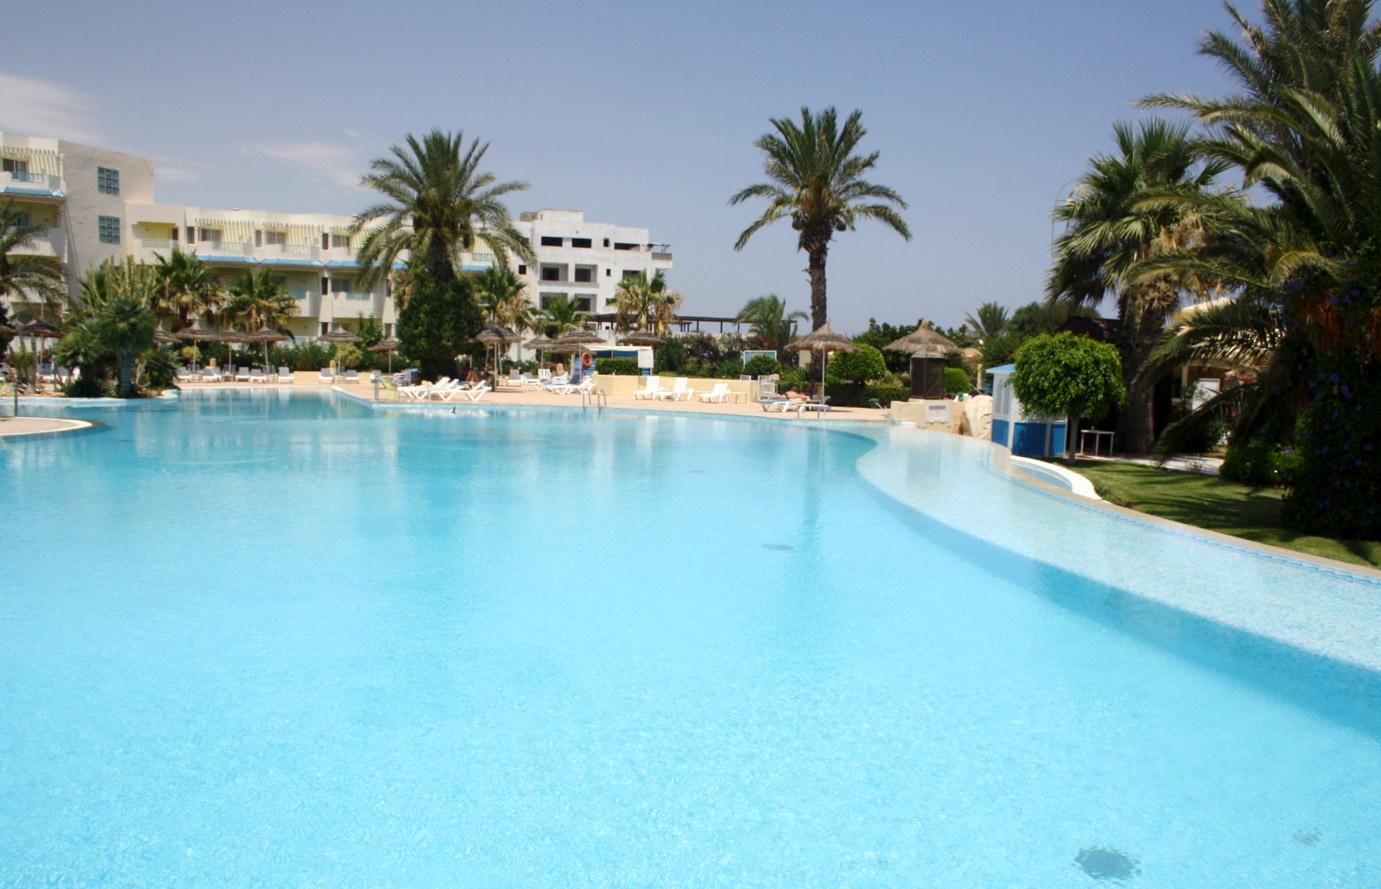 TUNISIA: PHOTO DIARY I. 8